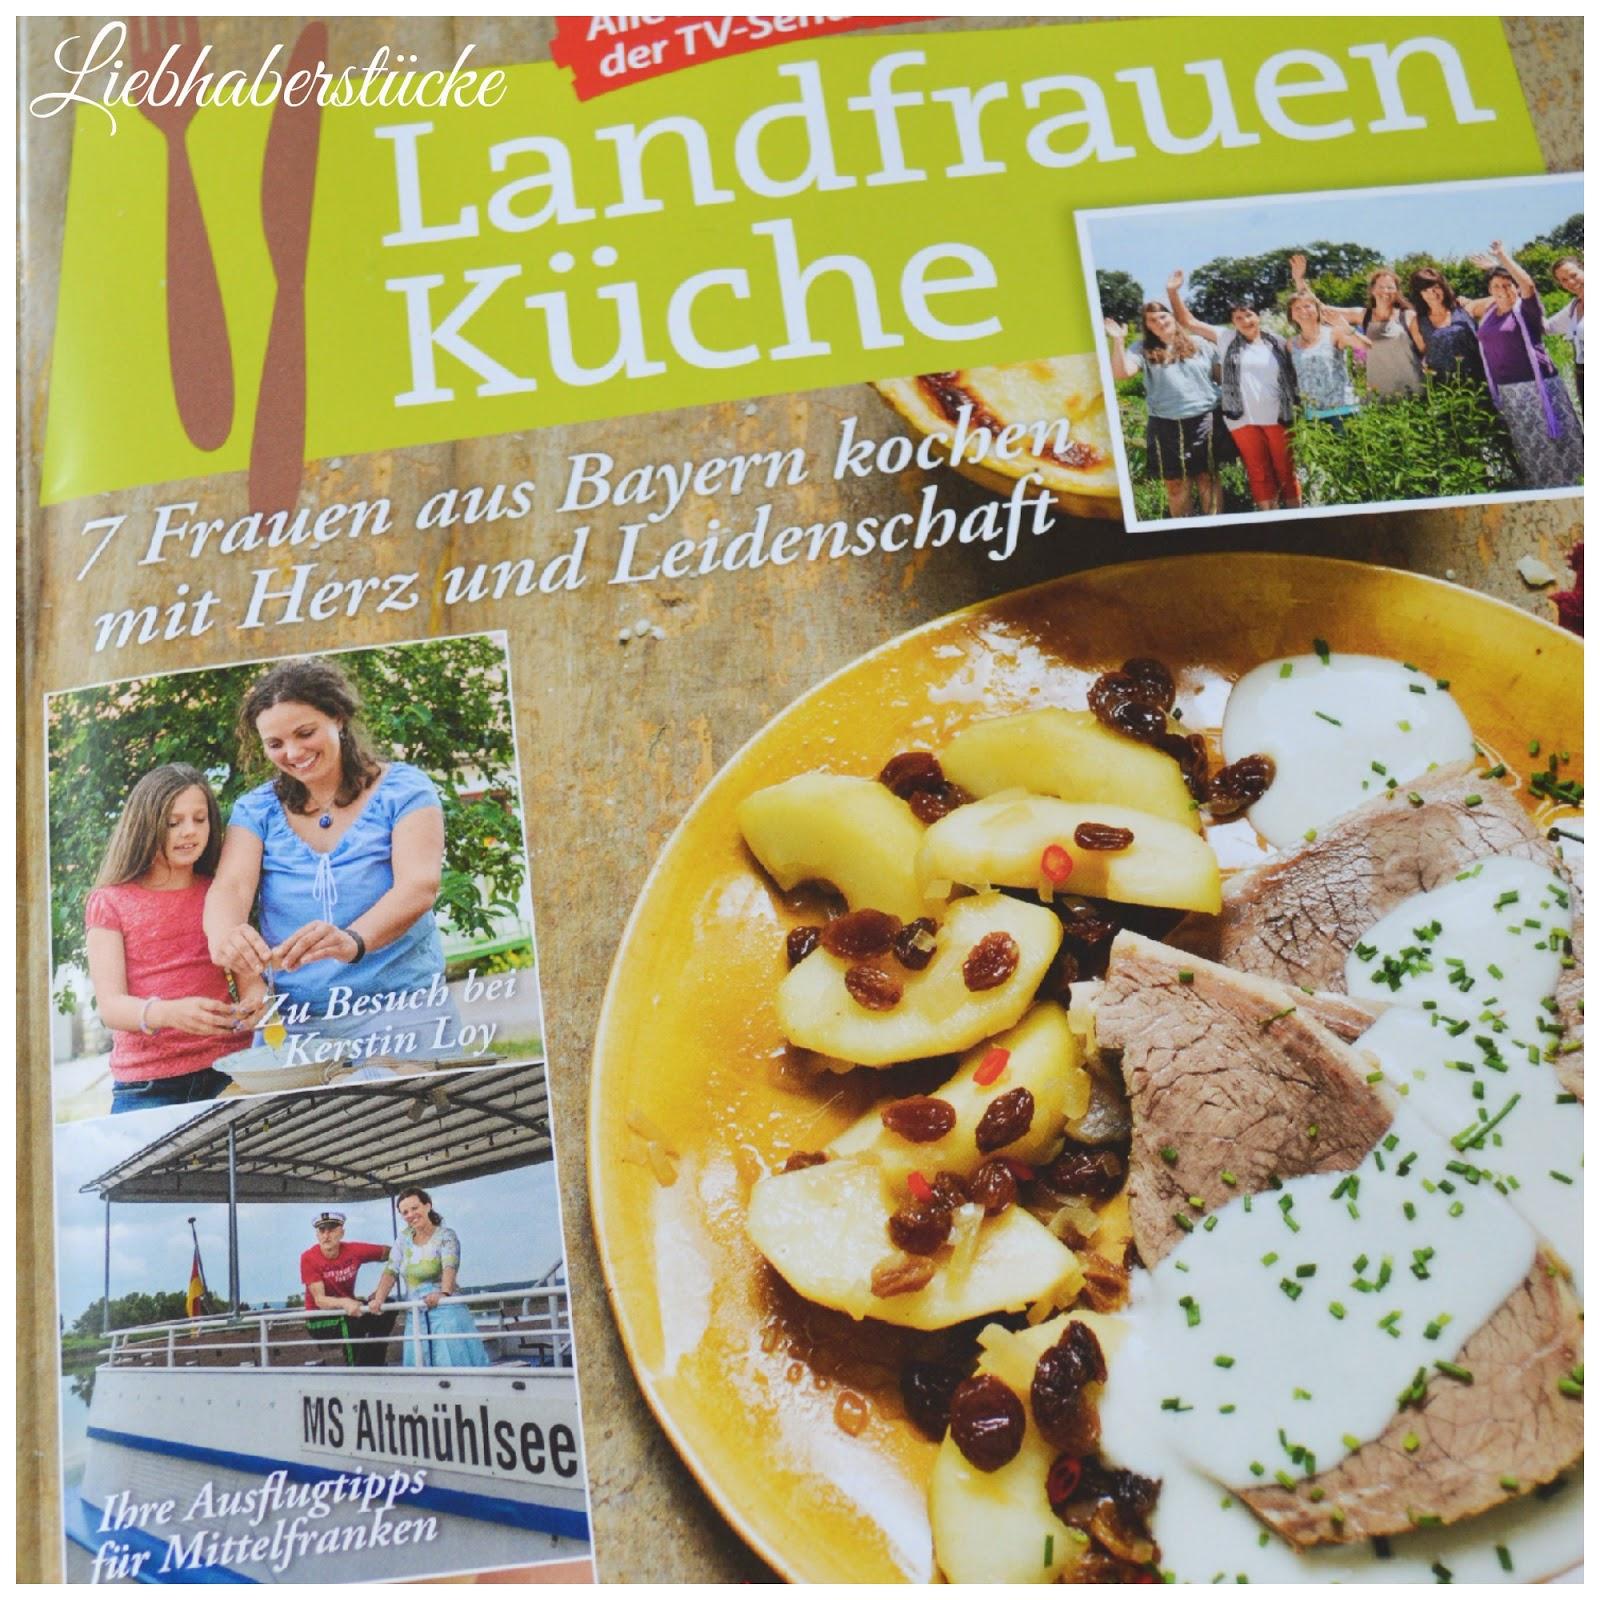 liebhaberstücke: landfrauenküche 2014 - wir waren dabei! - Landfrauen Küche